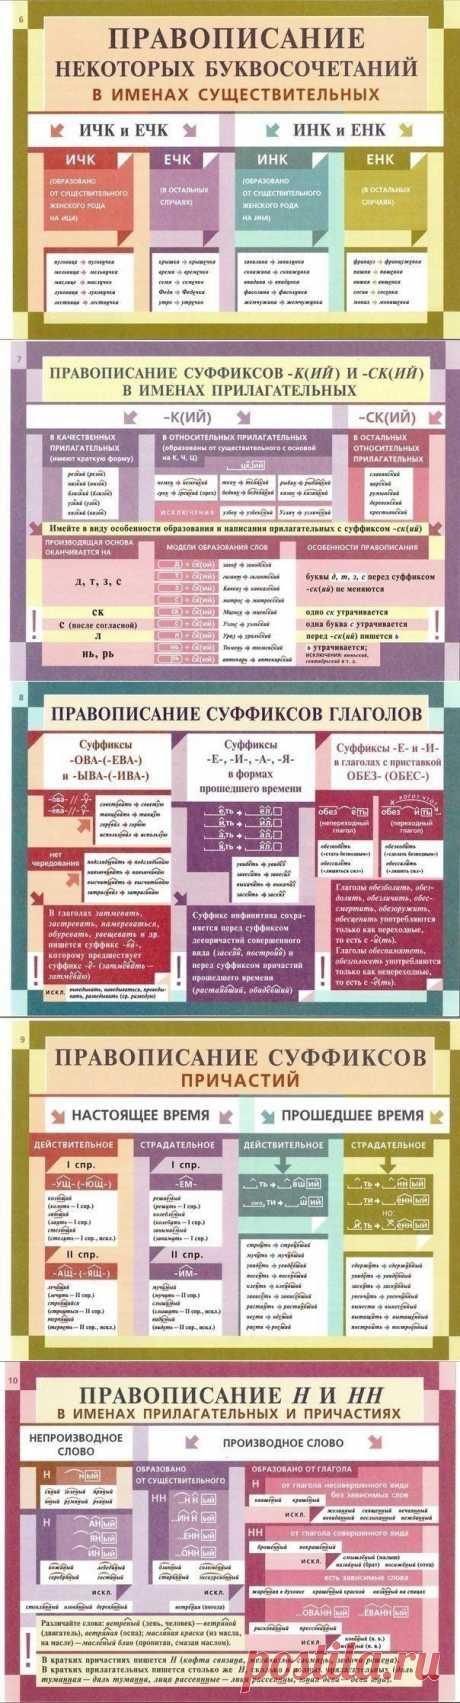 Освежаем в памяти грамматику русского языка.